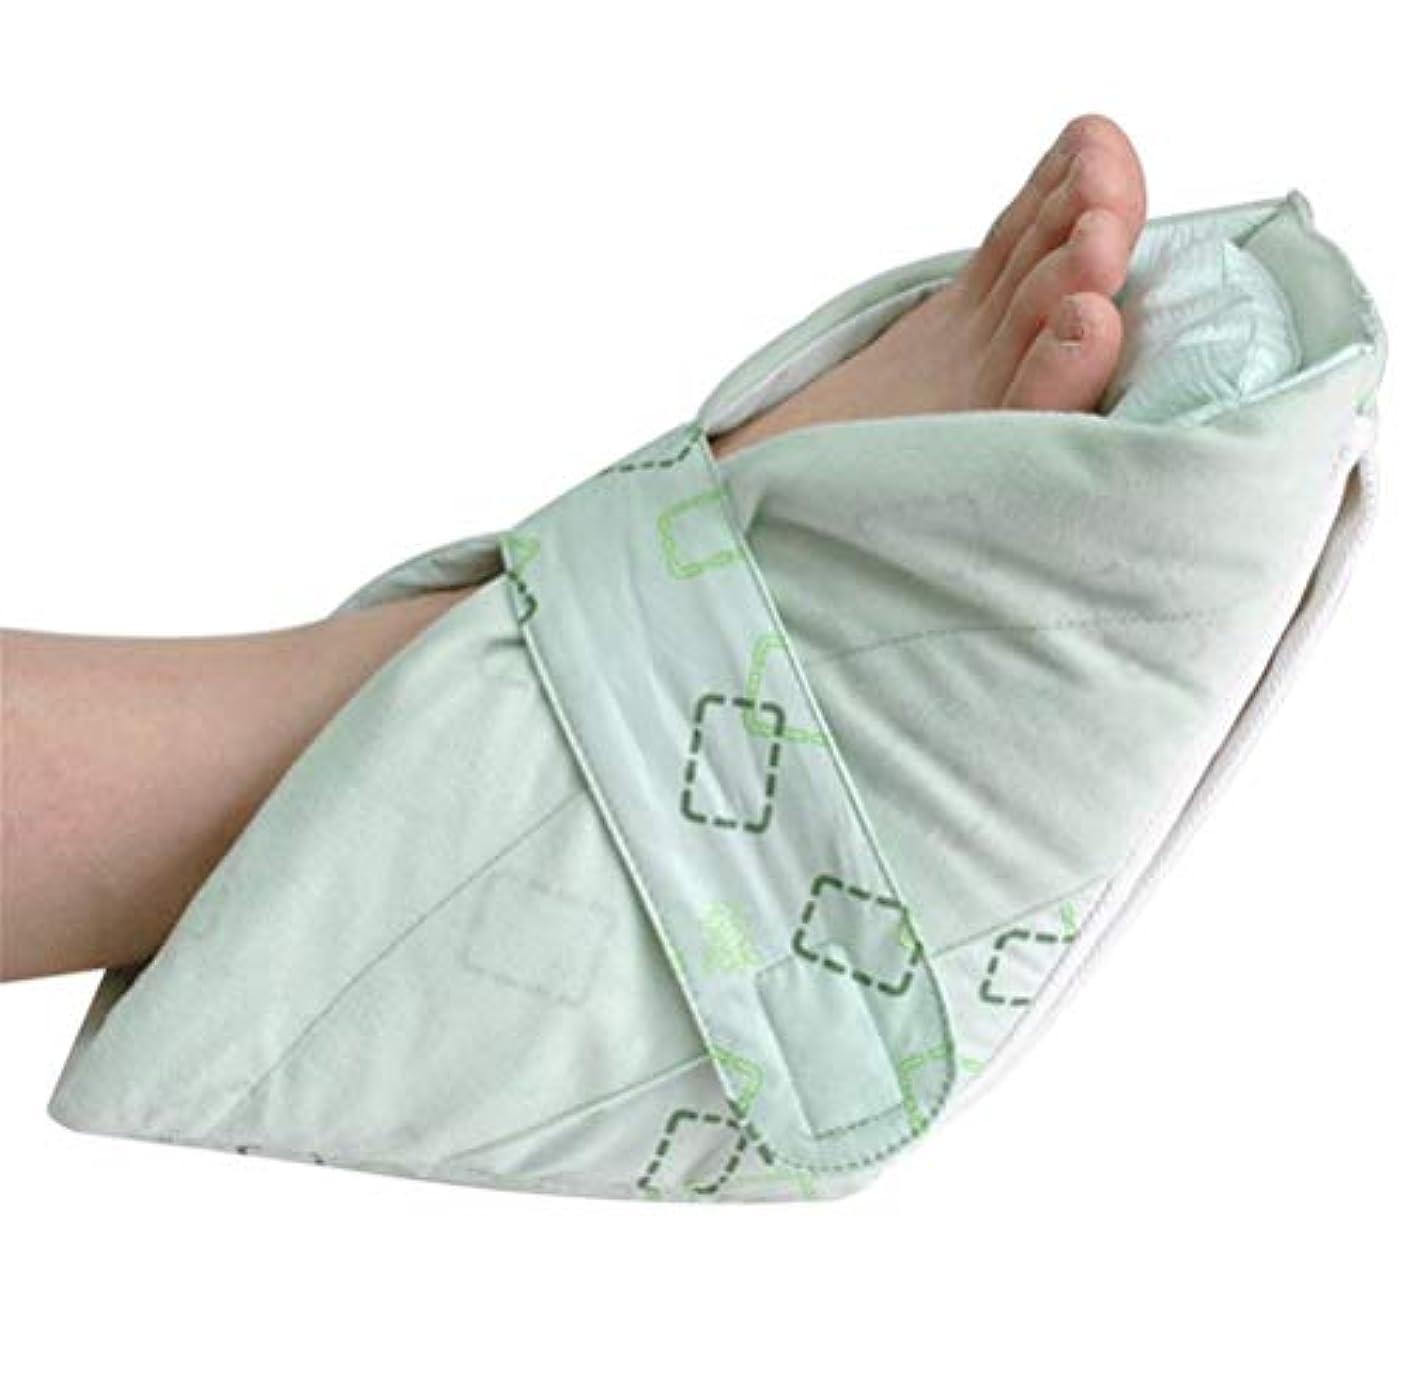 幅責可動ヒールプロテクター枕、プレミアム圧力軽減フット補正カバー、極細コットン生地、インナークッションは分離可能、グリーン、1ペア